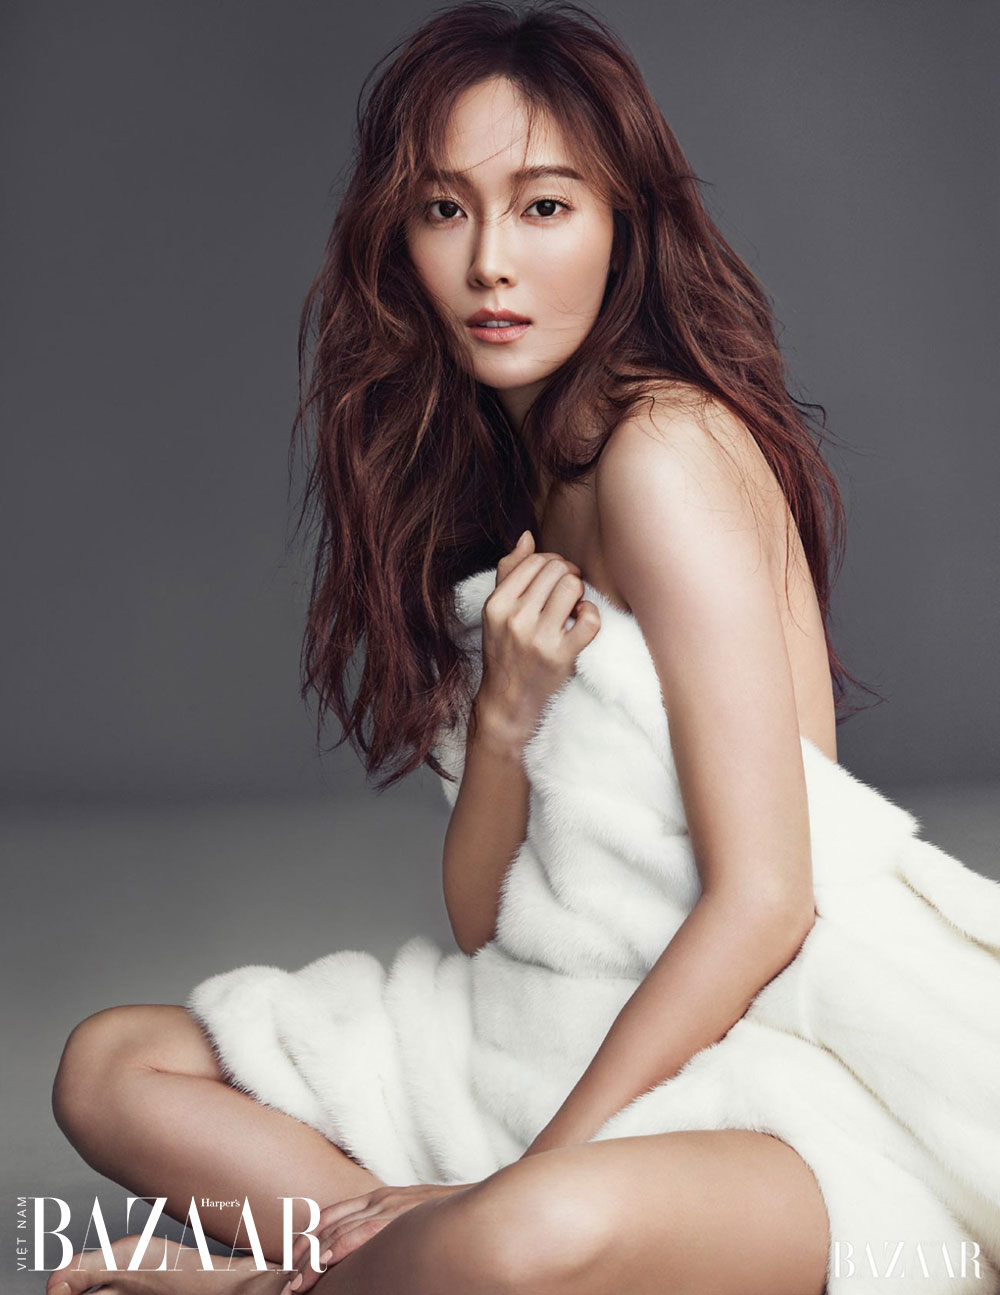 Jessica Jung chia sẻ chu trình dưỡng da với Harper's Bazaar Hàn Quốc